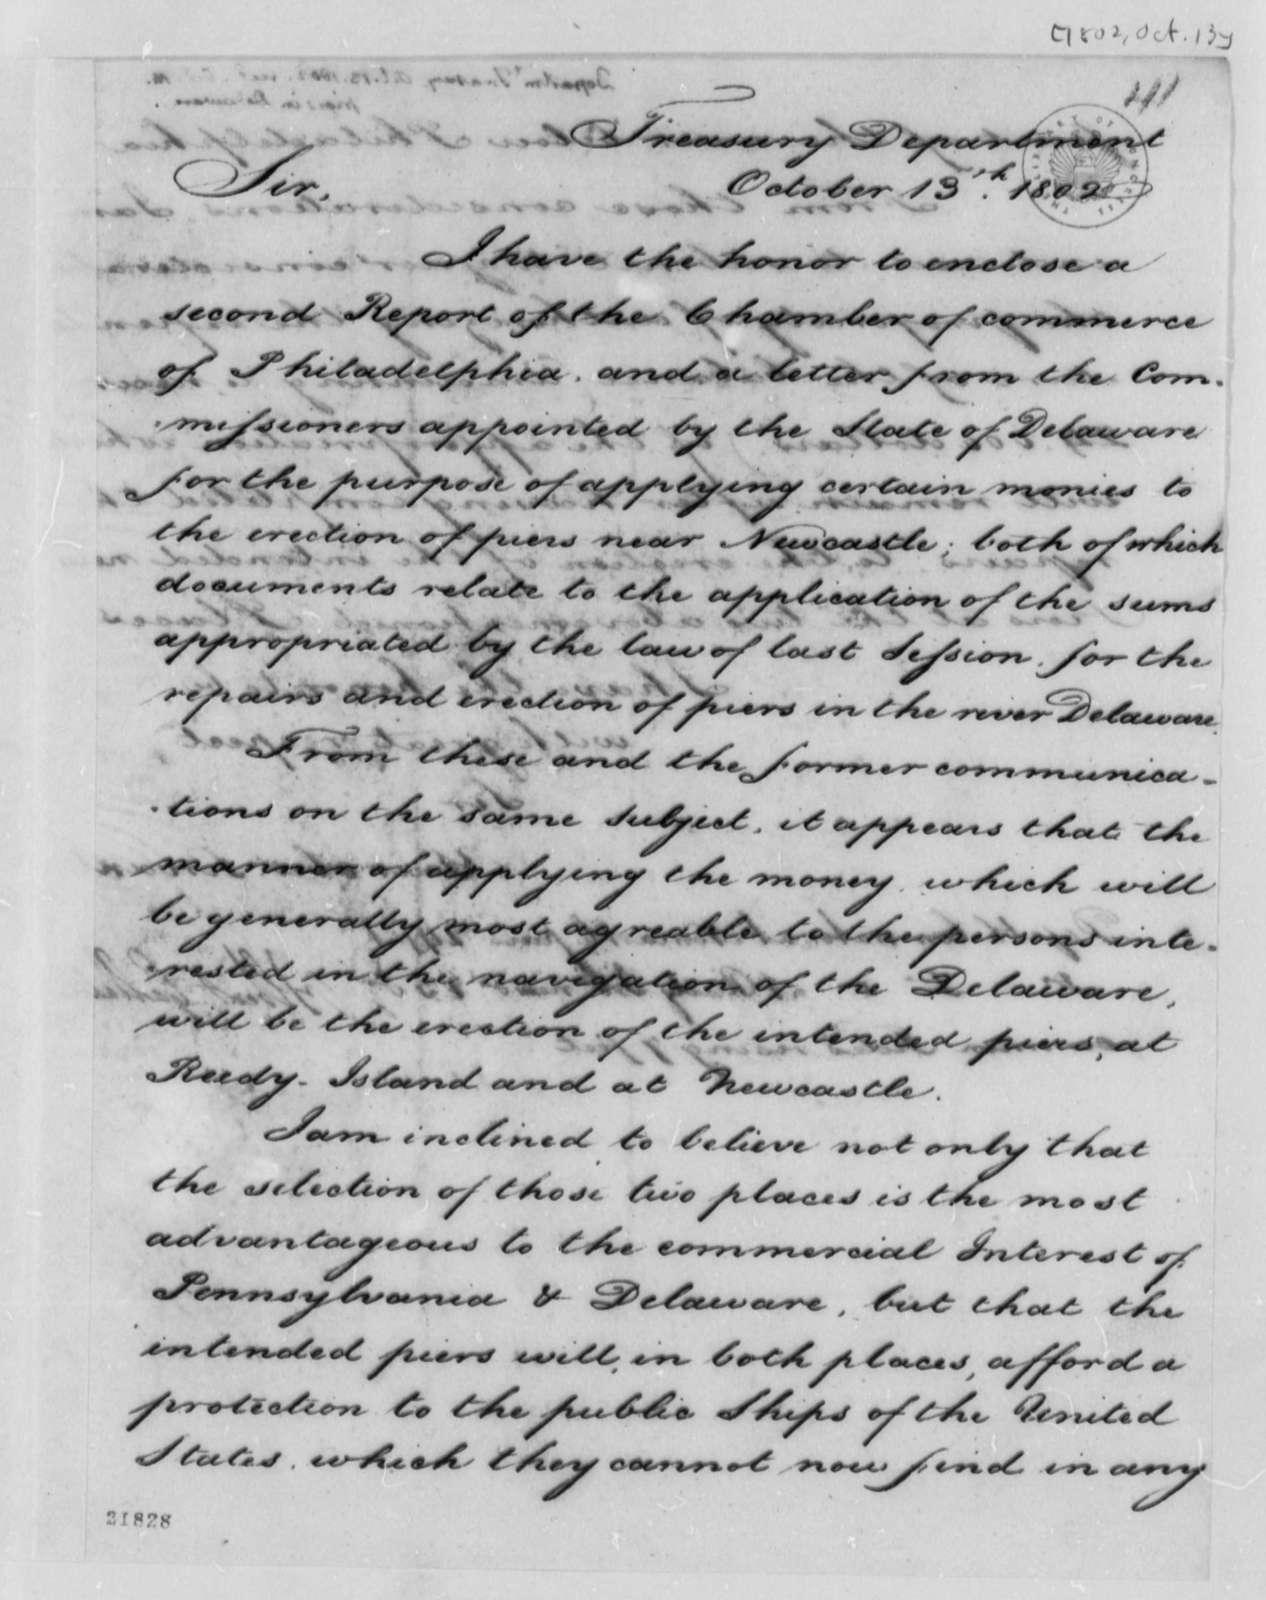 Albert Gallatin to Thomas Jefferson, October 13, 1802